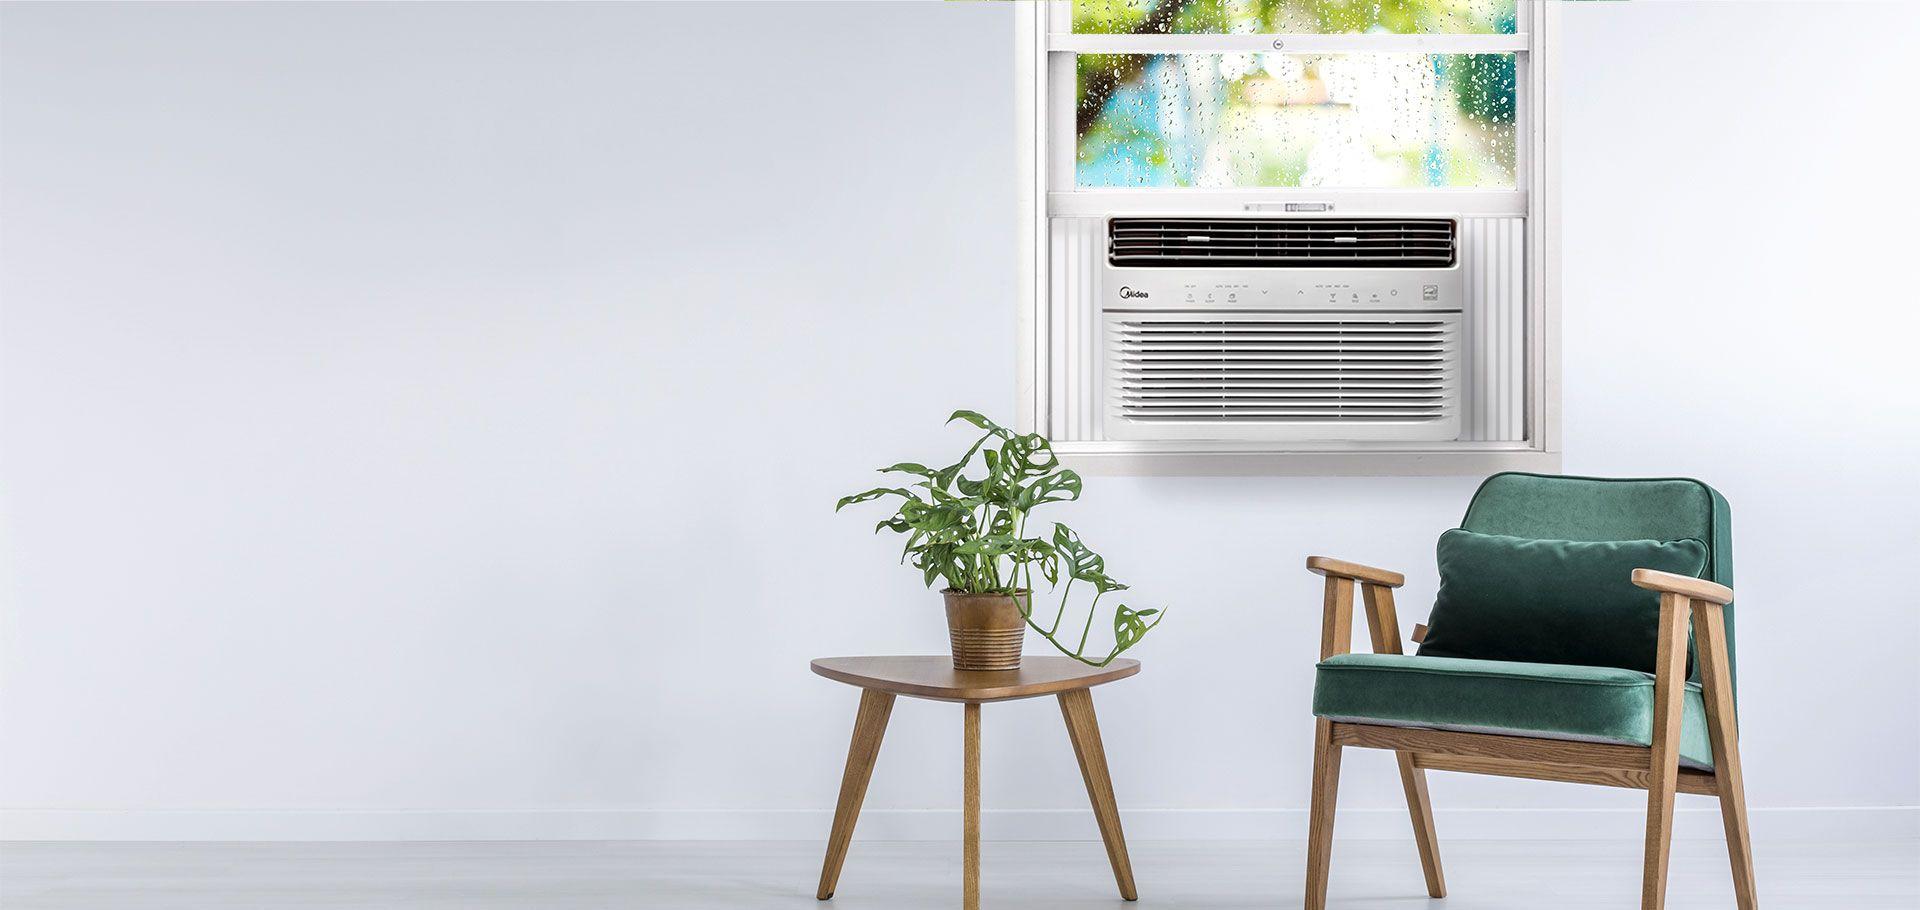 equipamento de ar condicionado em sala com sofá e mesa